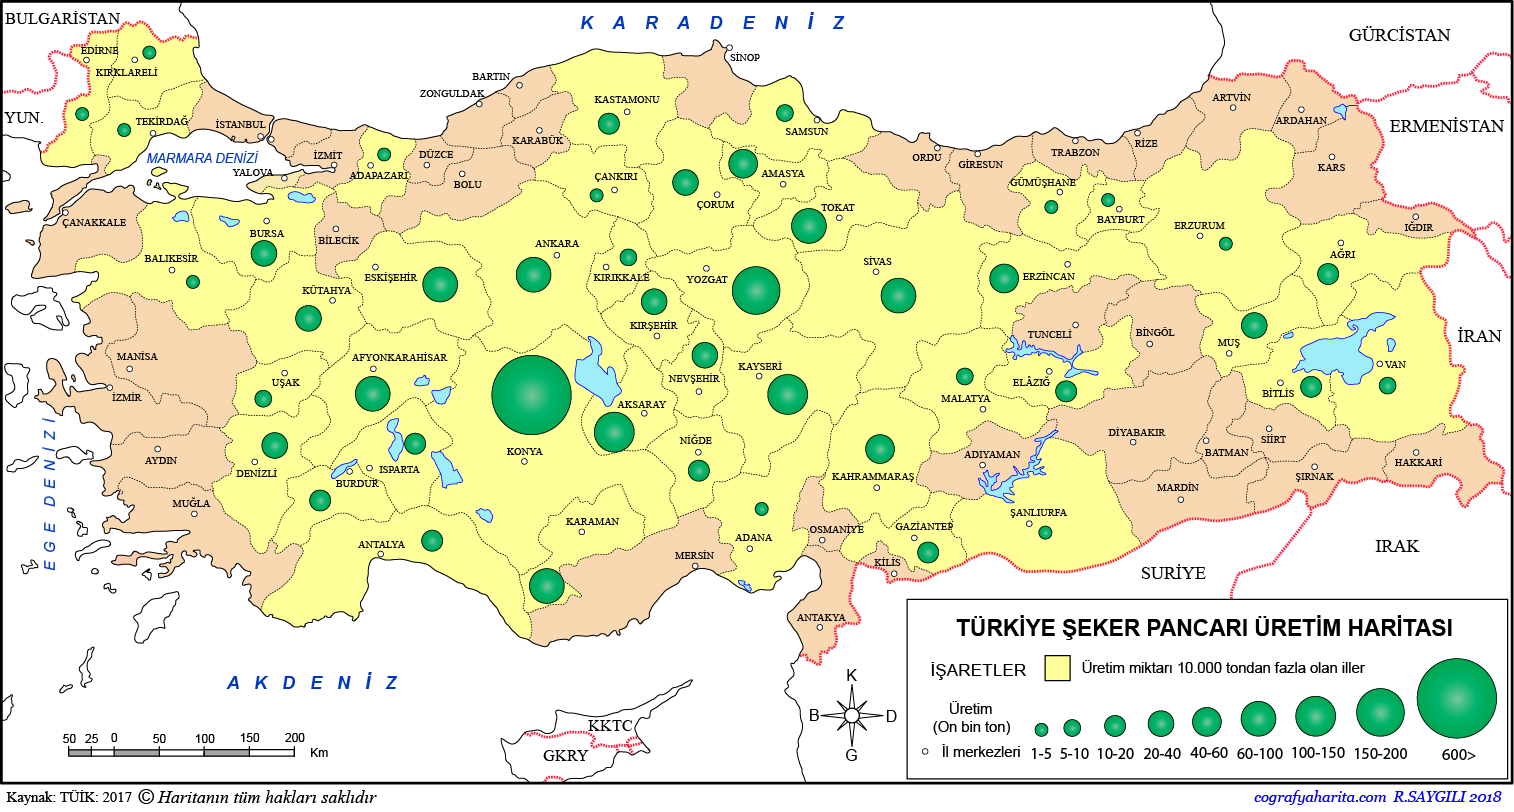 Türkiye Şeker Pancarı Üretim Haritası 3